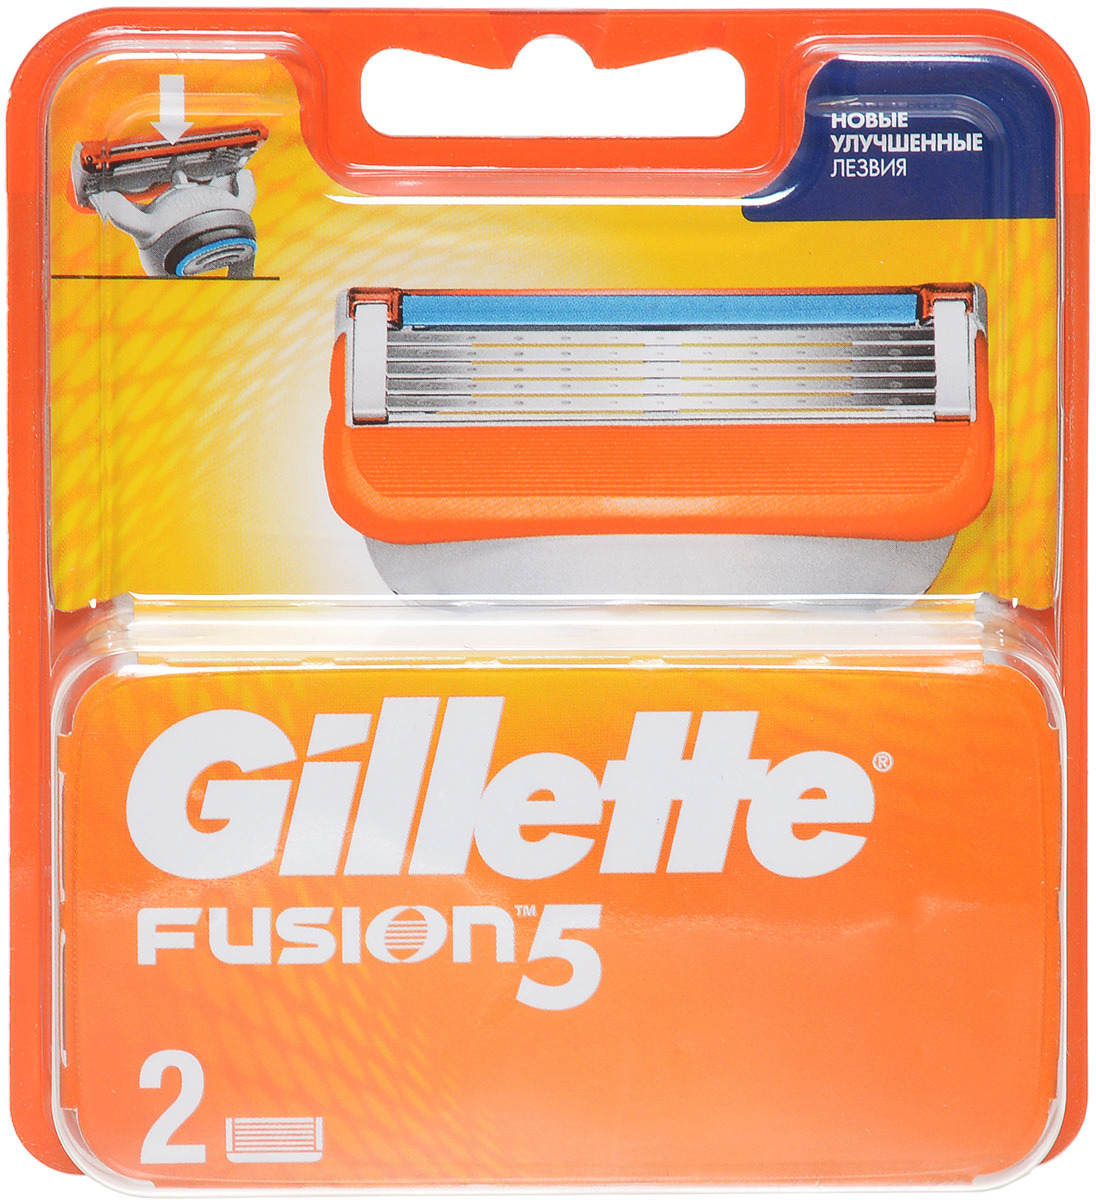 Сменные Кассеты Для Мужской Бритвы Gillette Fusion5, 2 шт